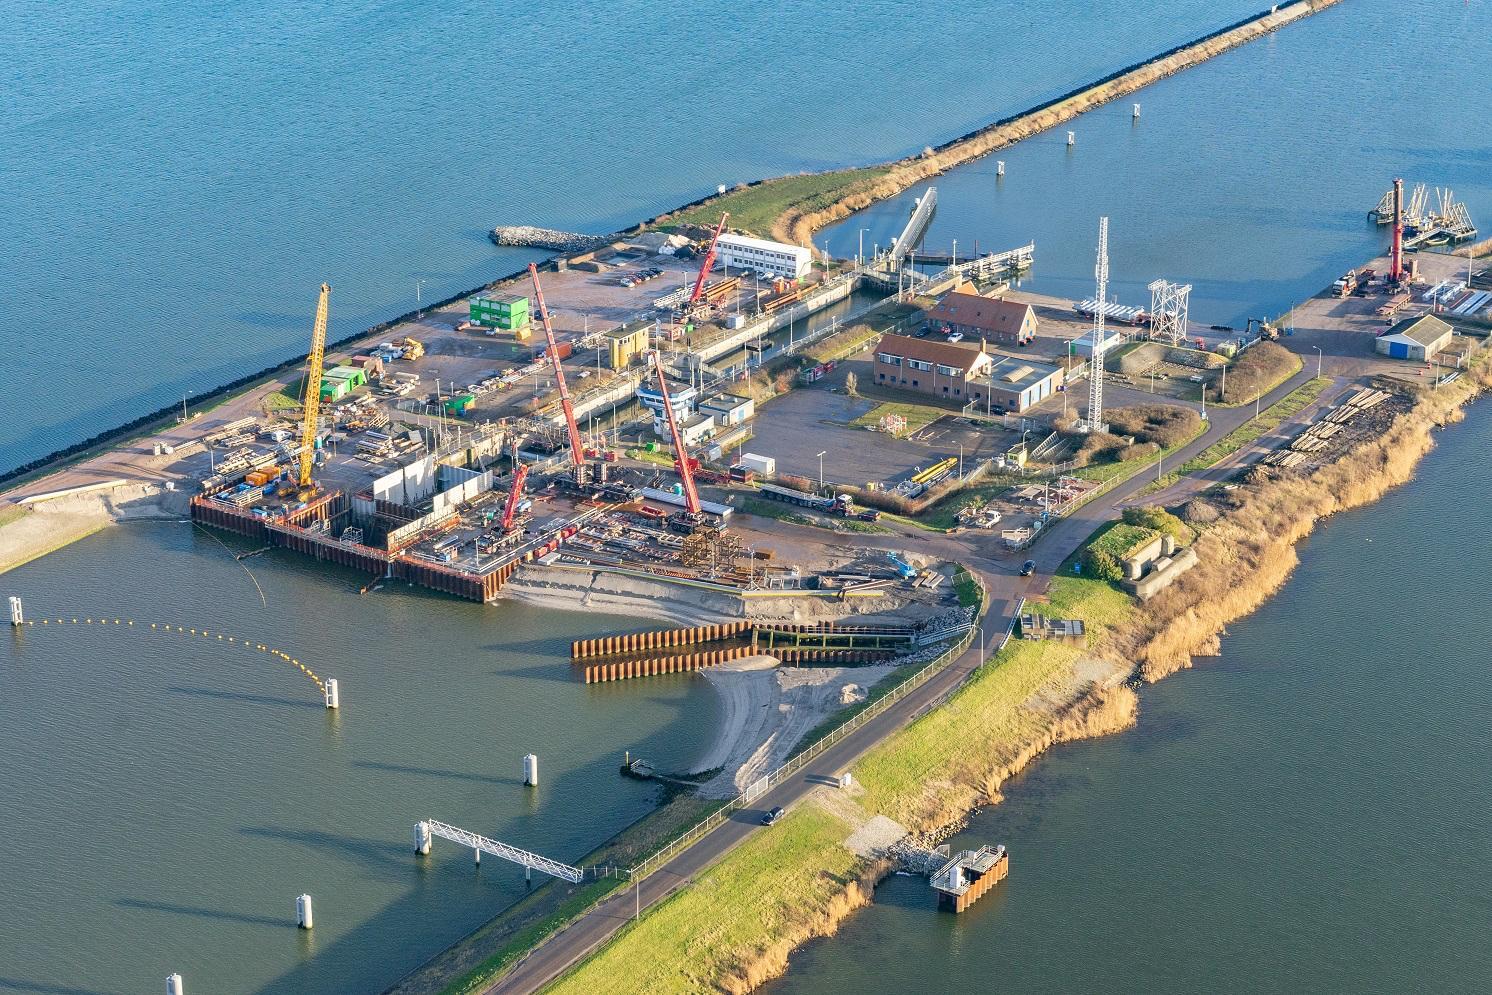 Nog tot eind april omvaren voor aanleg keersluis bij Den Oever. Deuren gaan dicht bij hoog water op de Waddenzee